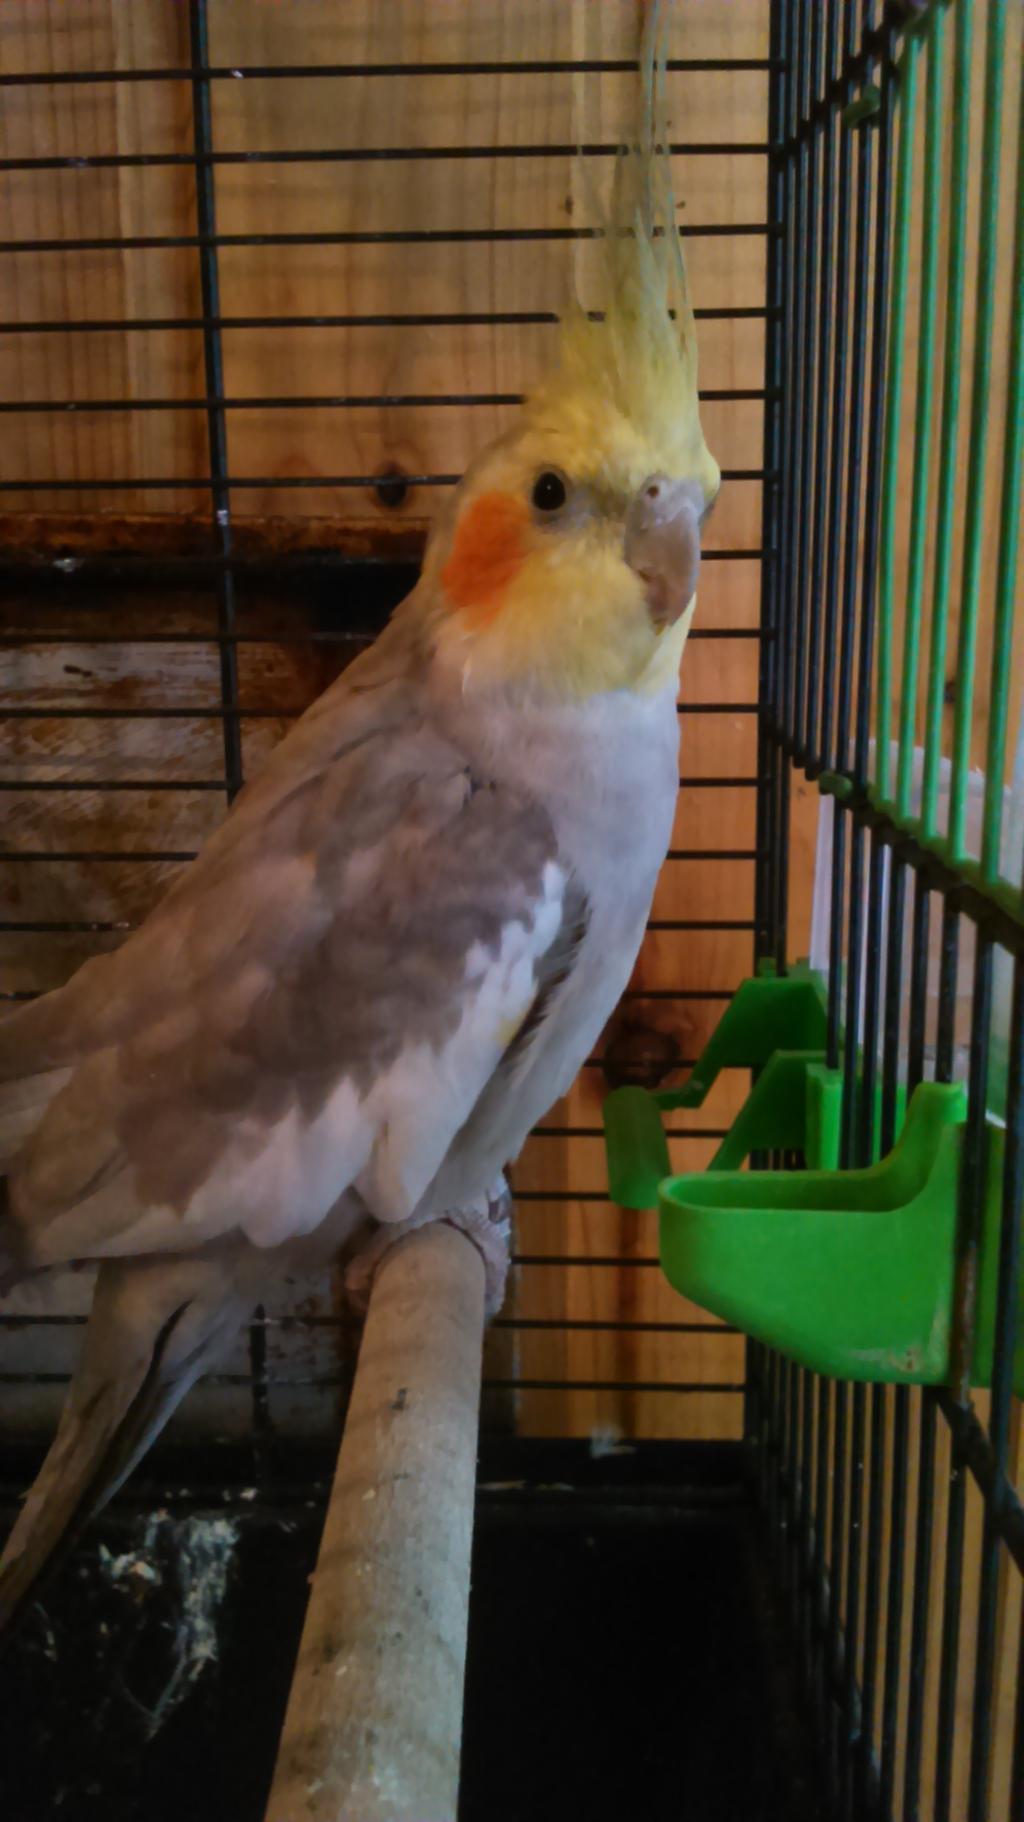 Say hi to birdie by ZalyHeartlessTigress